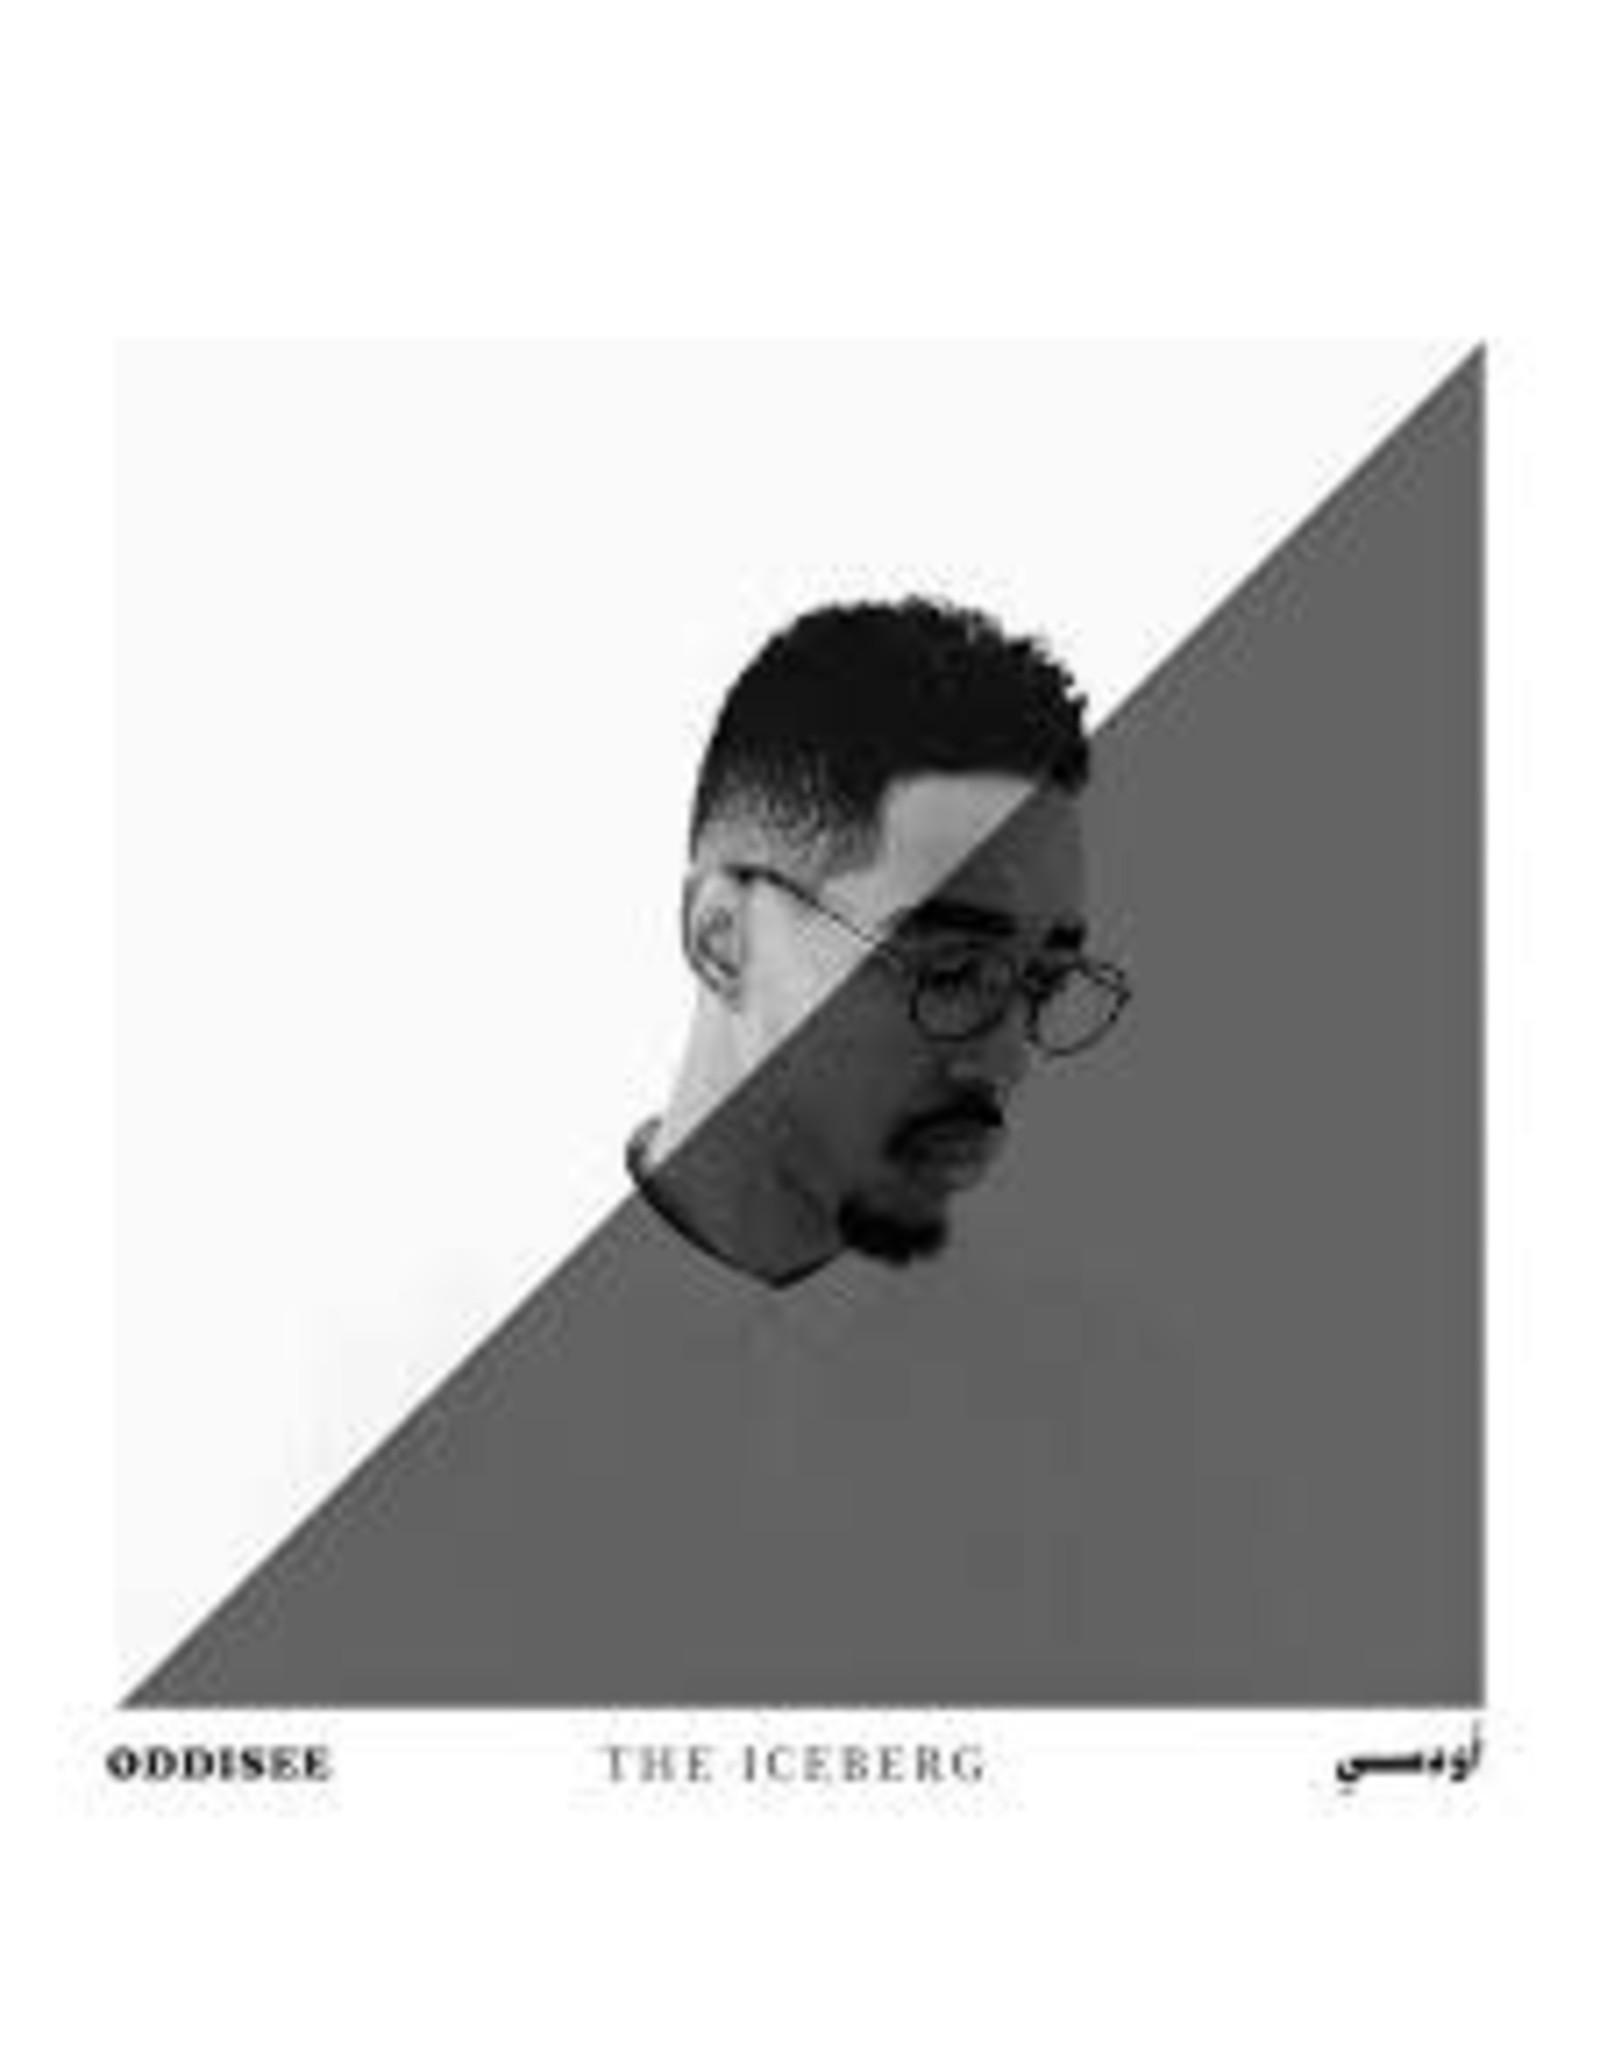 Oddisee - Iceberg LP